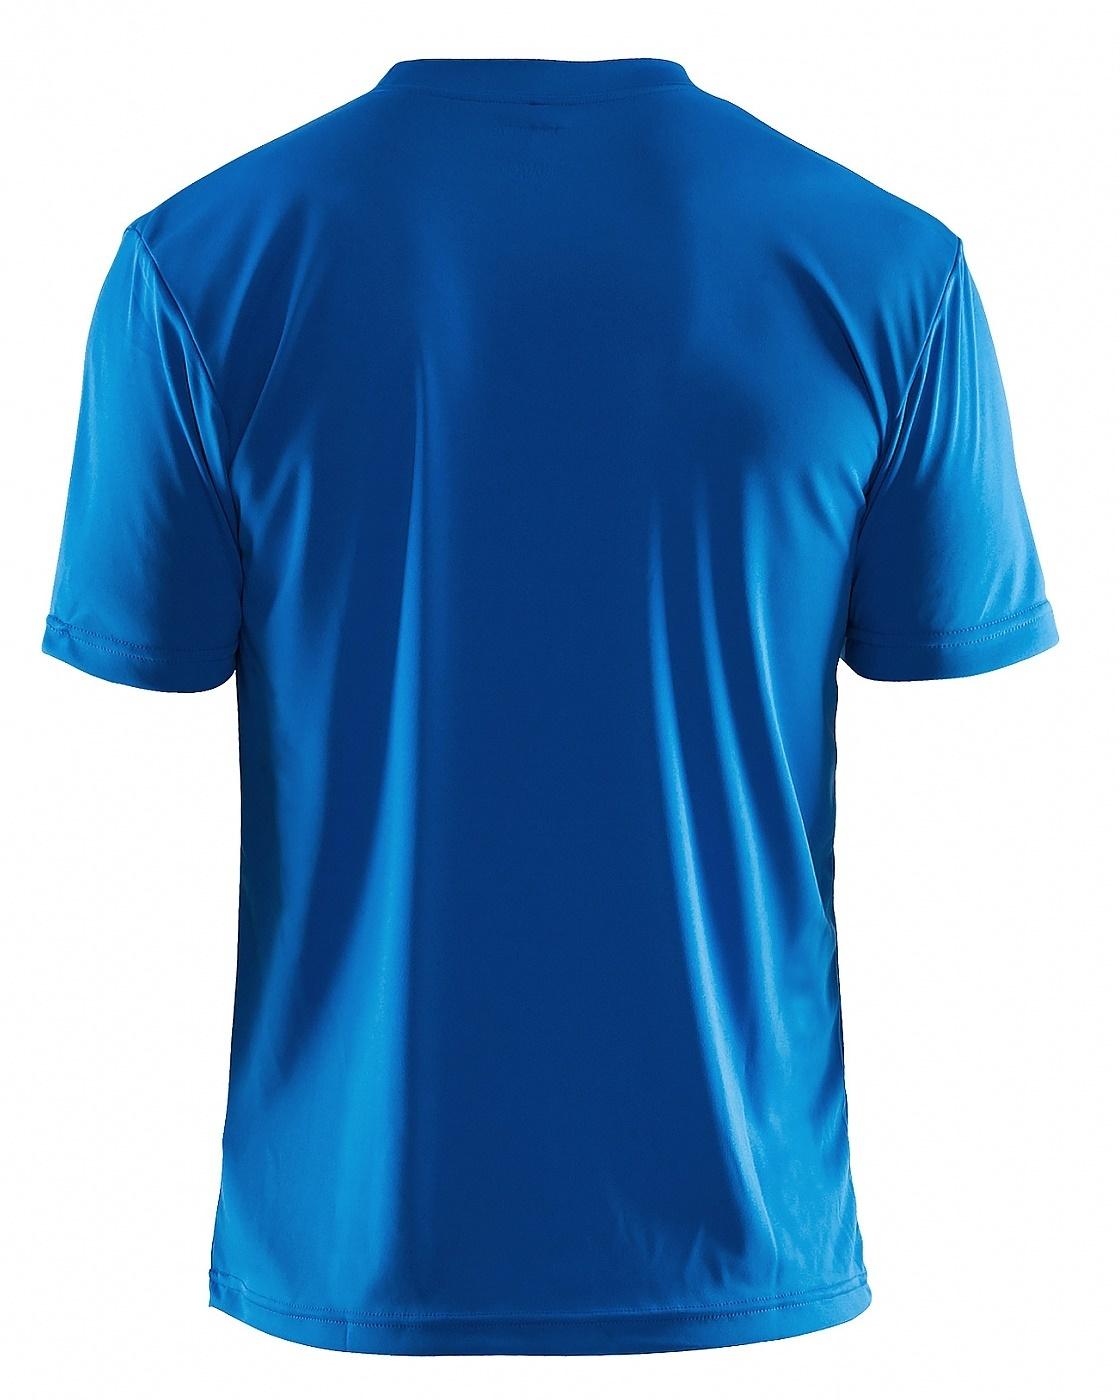 Мужская спортивная футболка для бега Craft Active (199205-1336) синяя фото